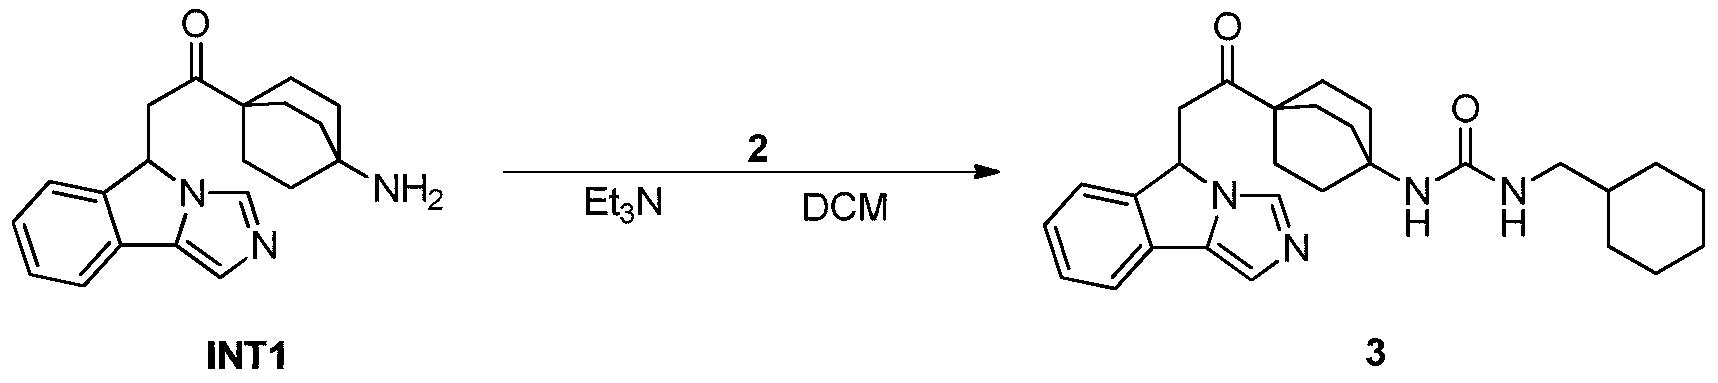 Figure PCTCN2017084604-appb-000252